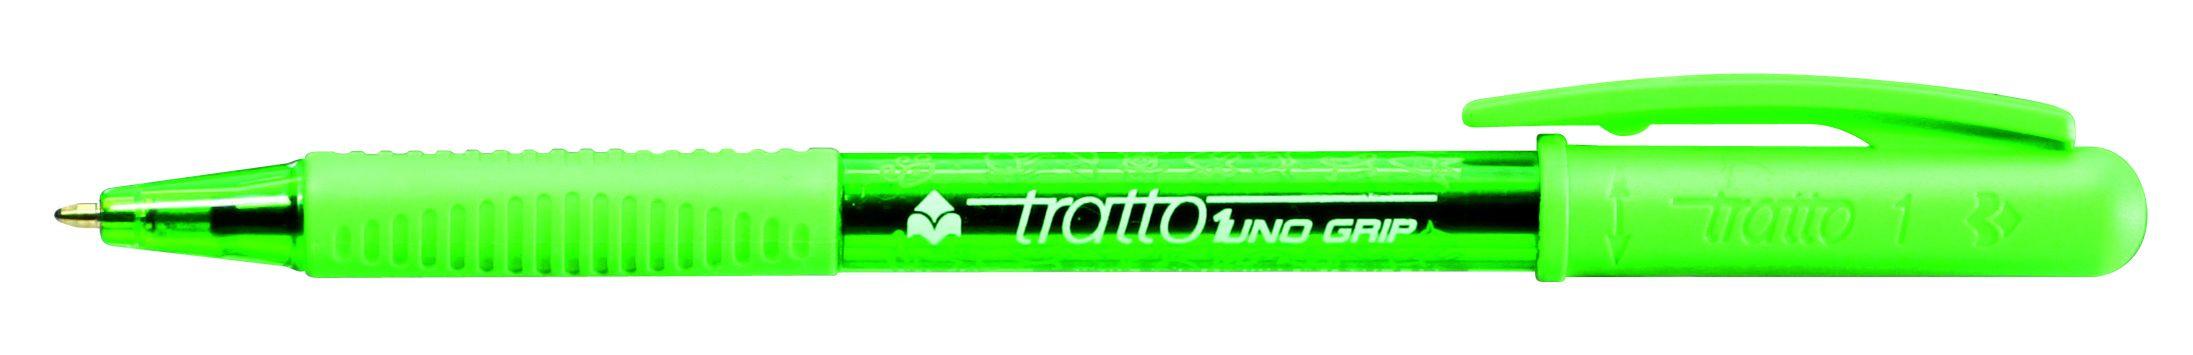 Ручка шариковая Tratto 1 Grip салатовая поворотная резин. держат.